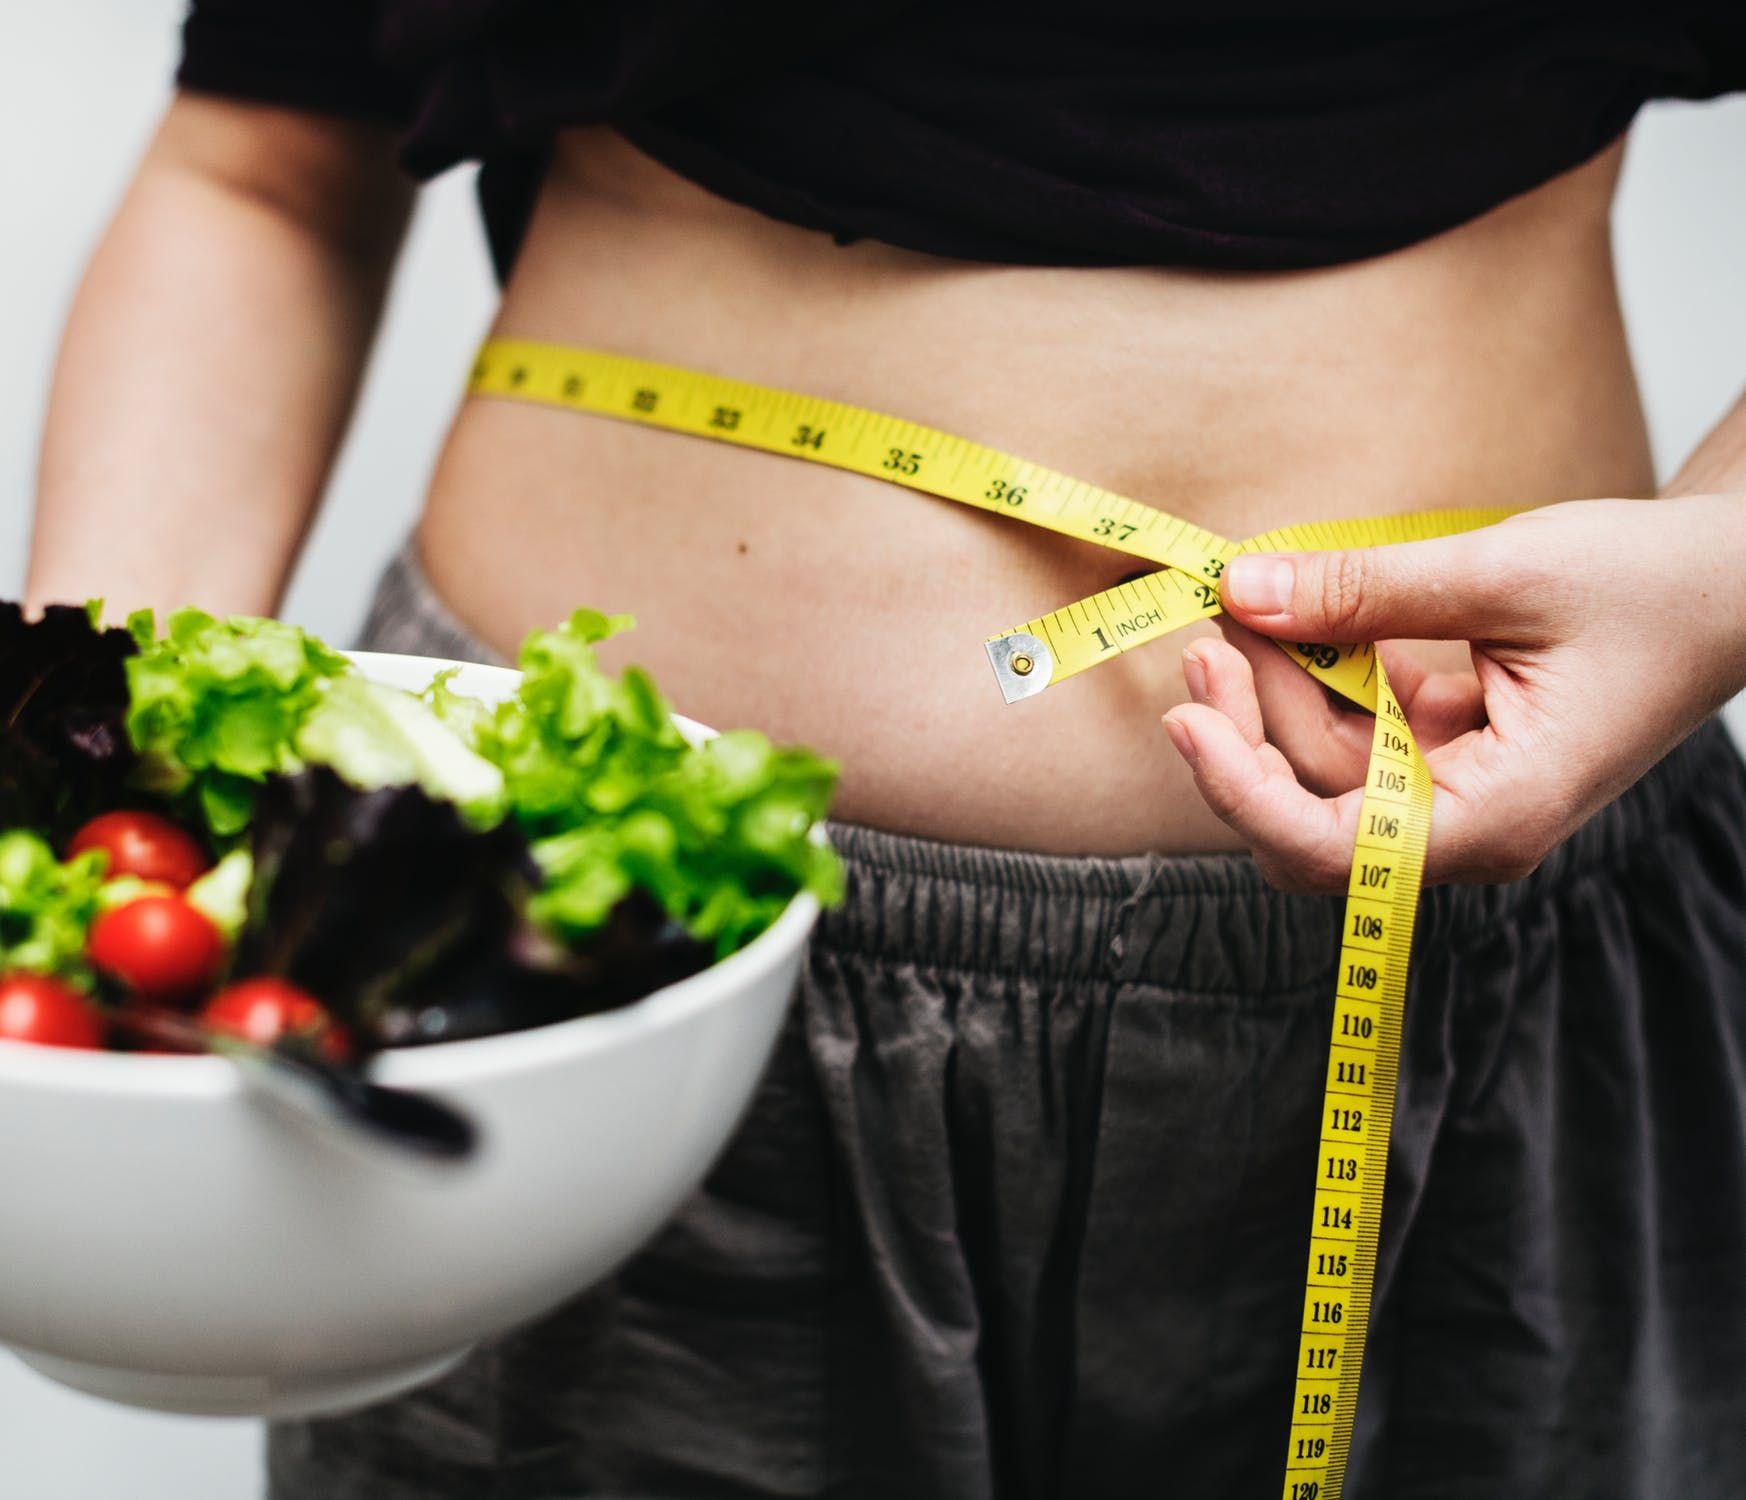 Pierderea în greutate pofta normală scădere în greutate fără niciun motiv